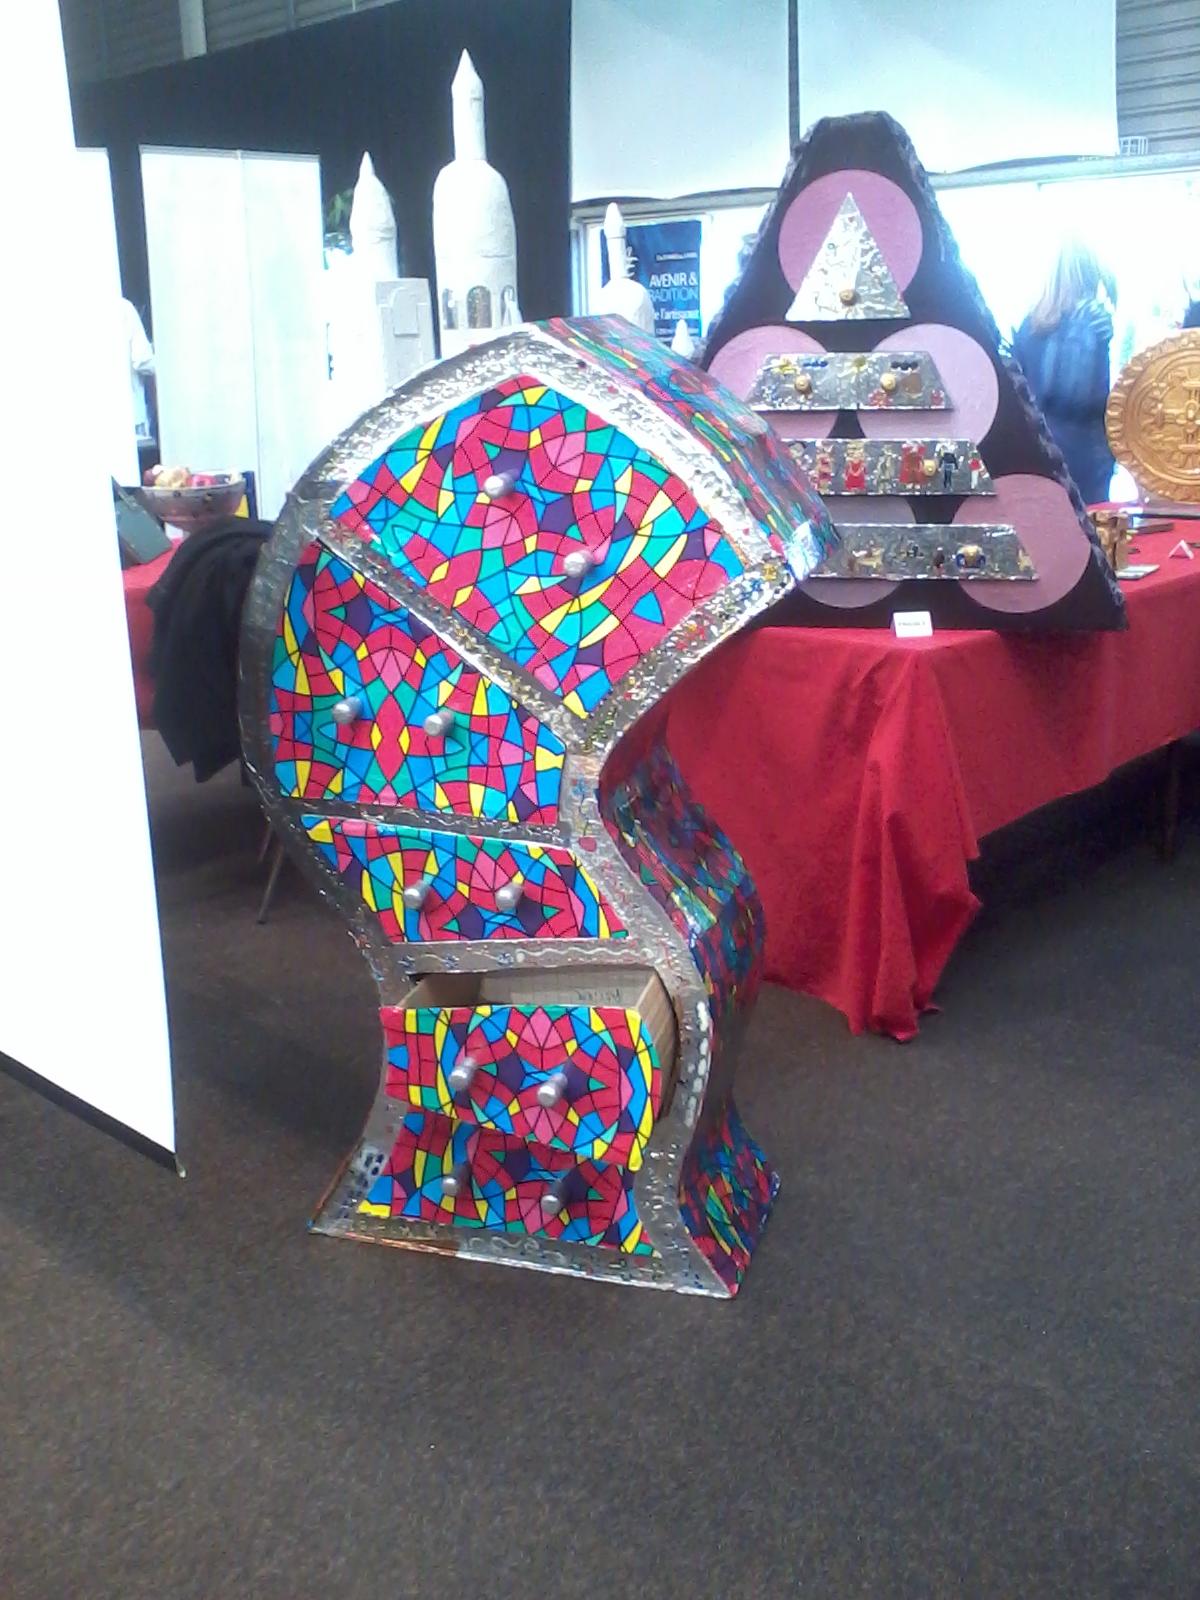 salon de l'artisanat paris 2012 - Artisanat et commerce ...